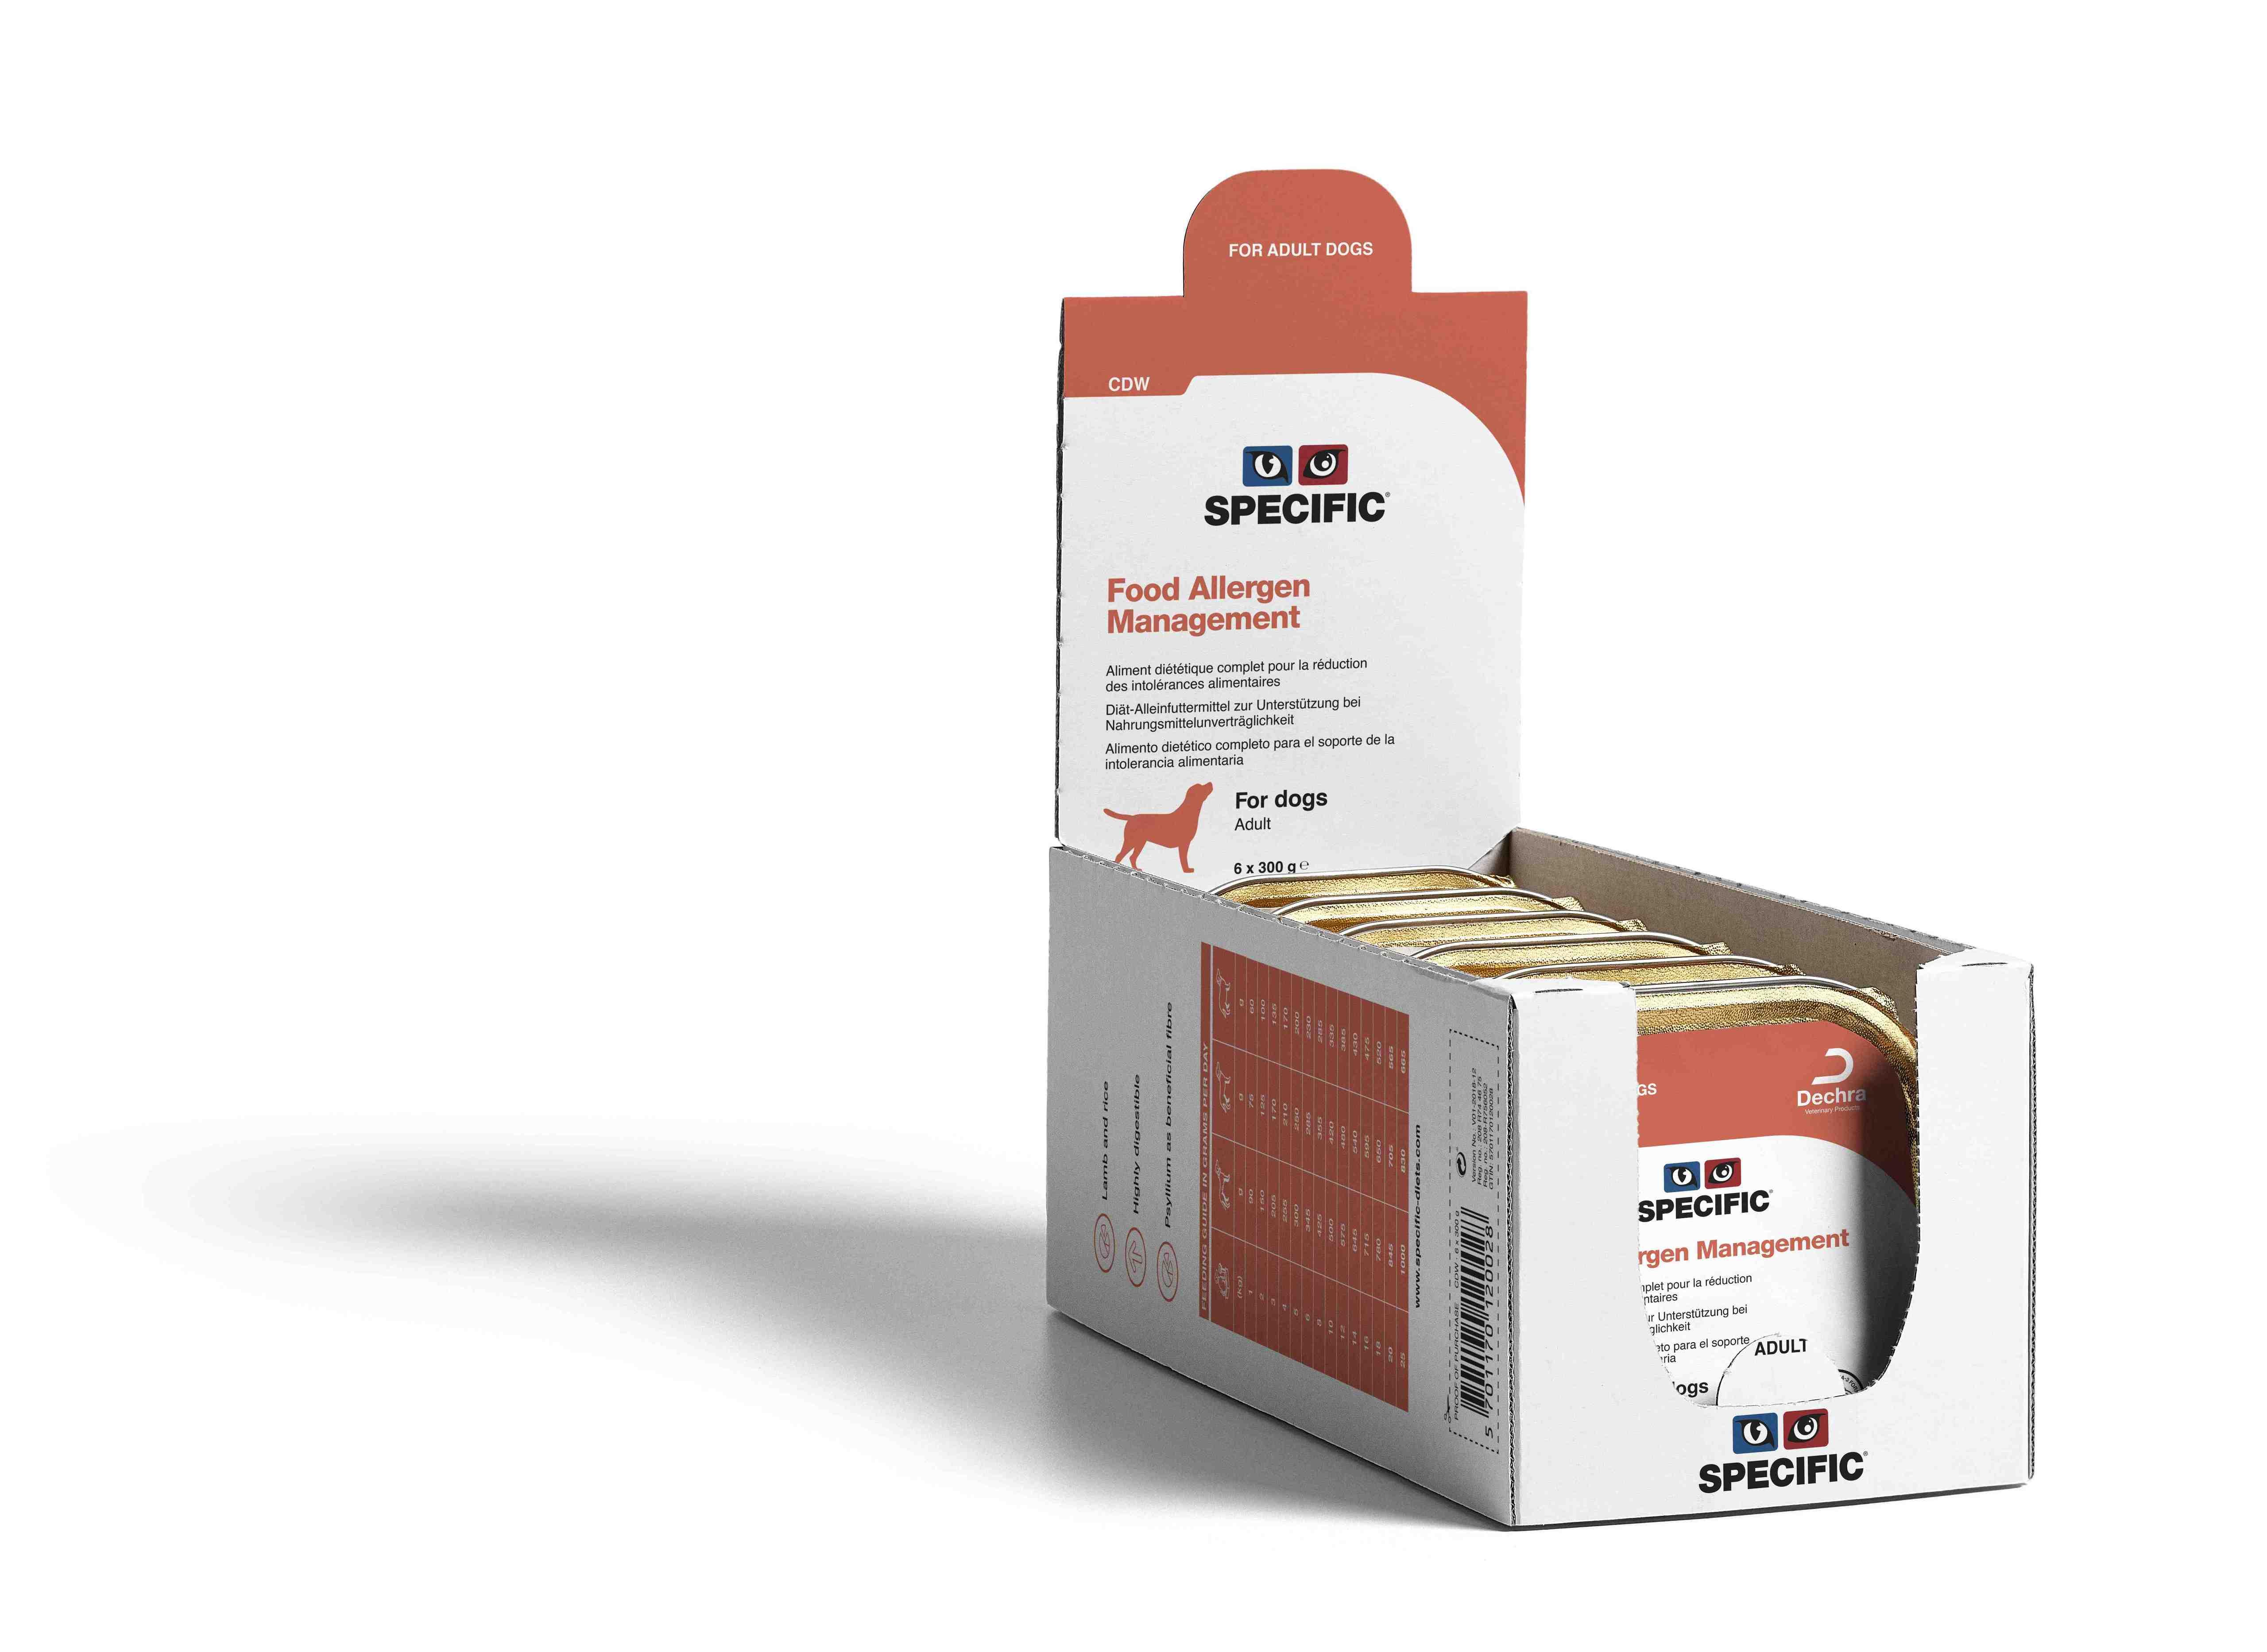 Food Allergen Management CDW - 6 x 300 g